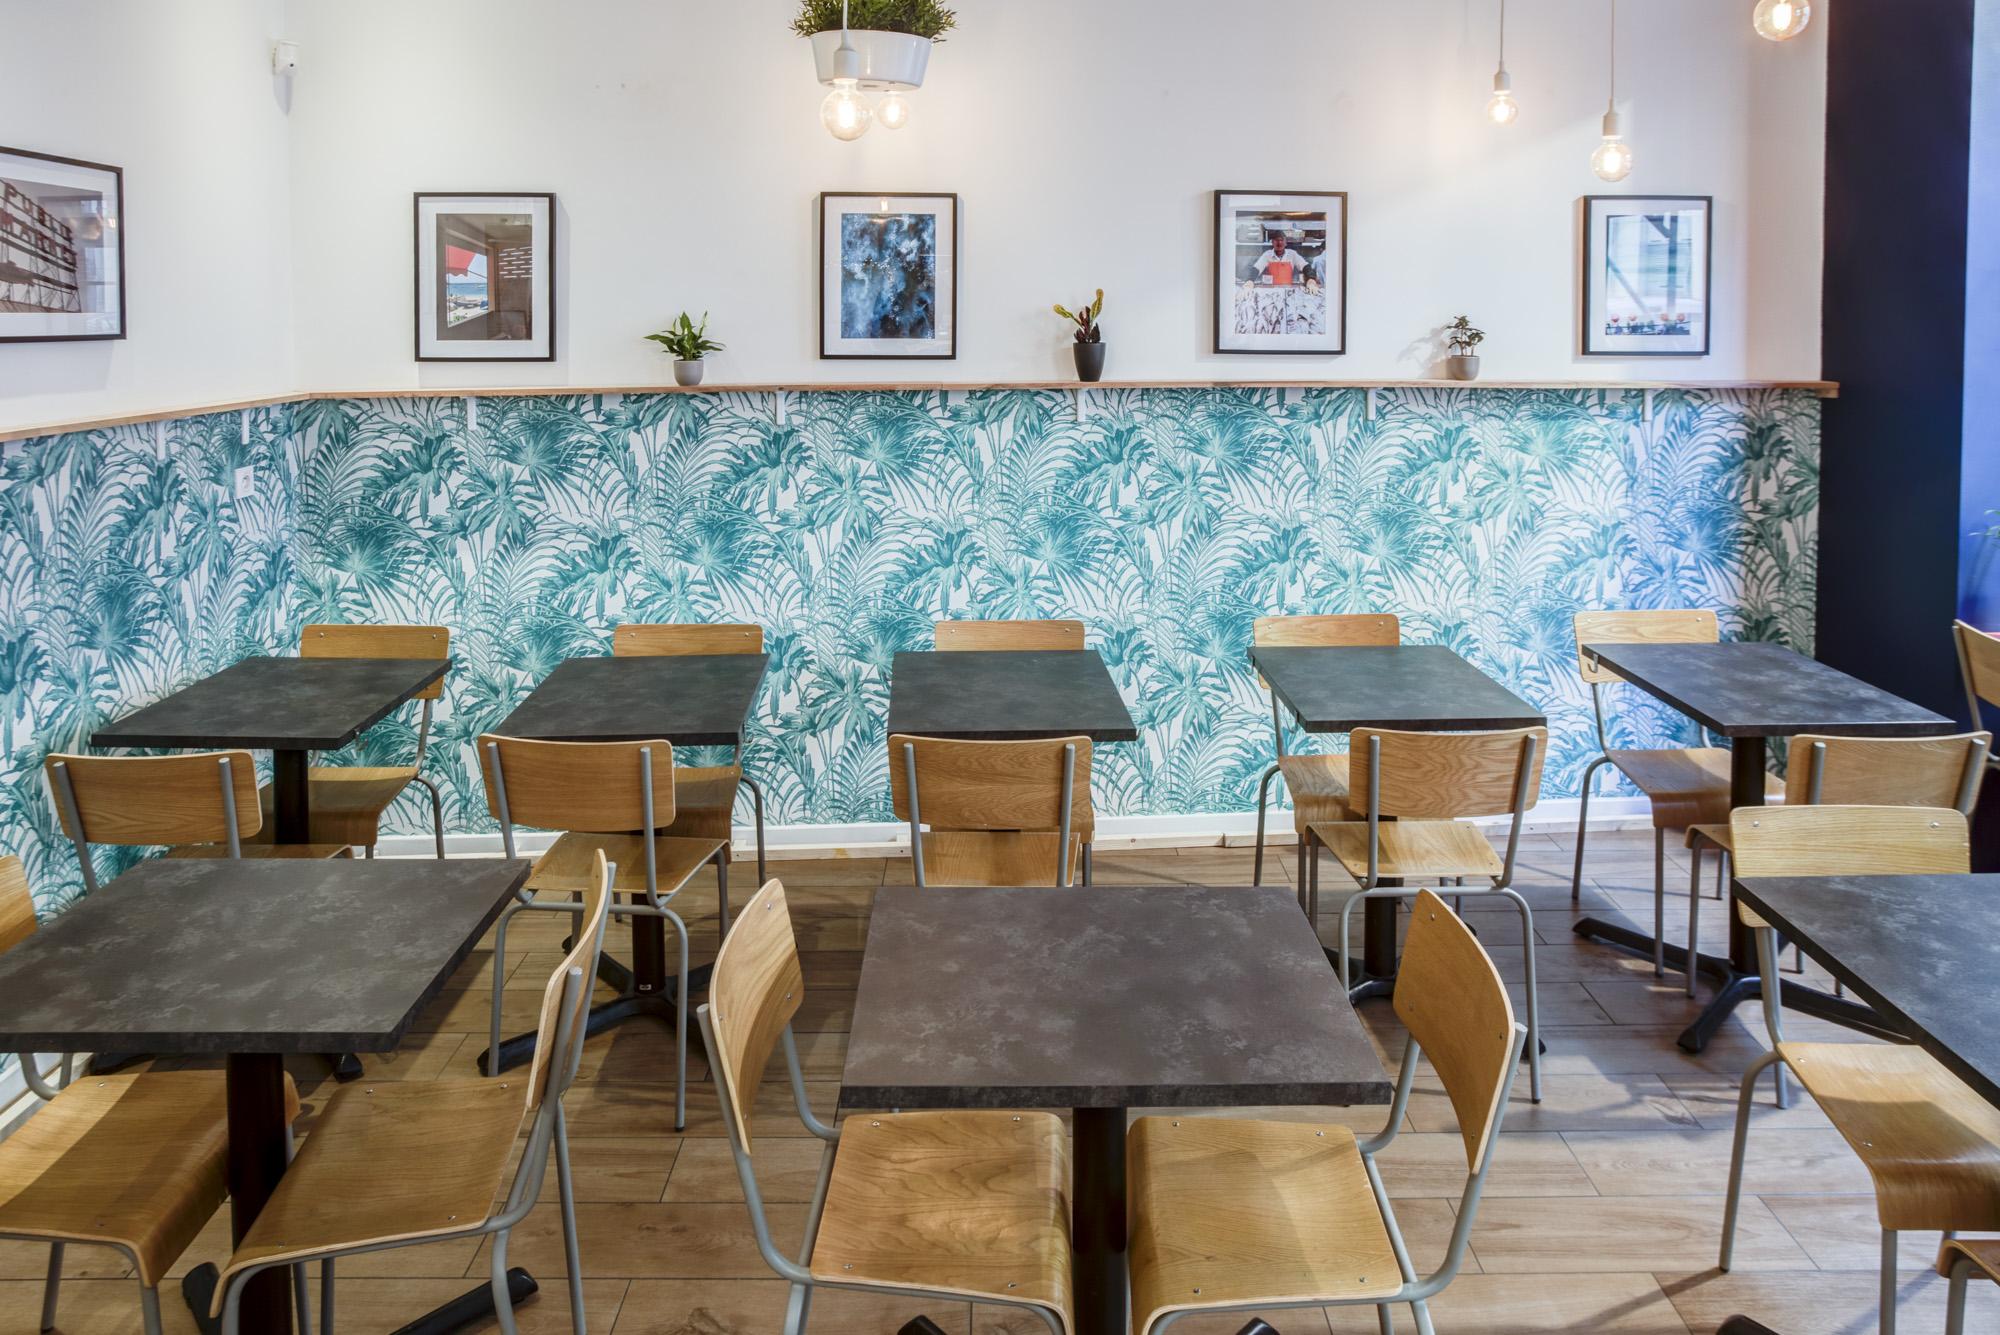 ceviche poke brunch restaurant lyon 2 skipjack (10).jpg